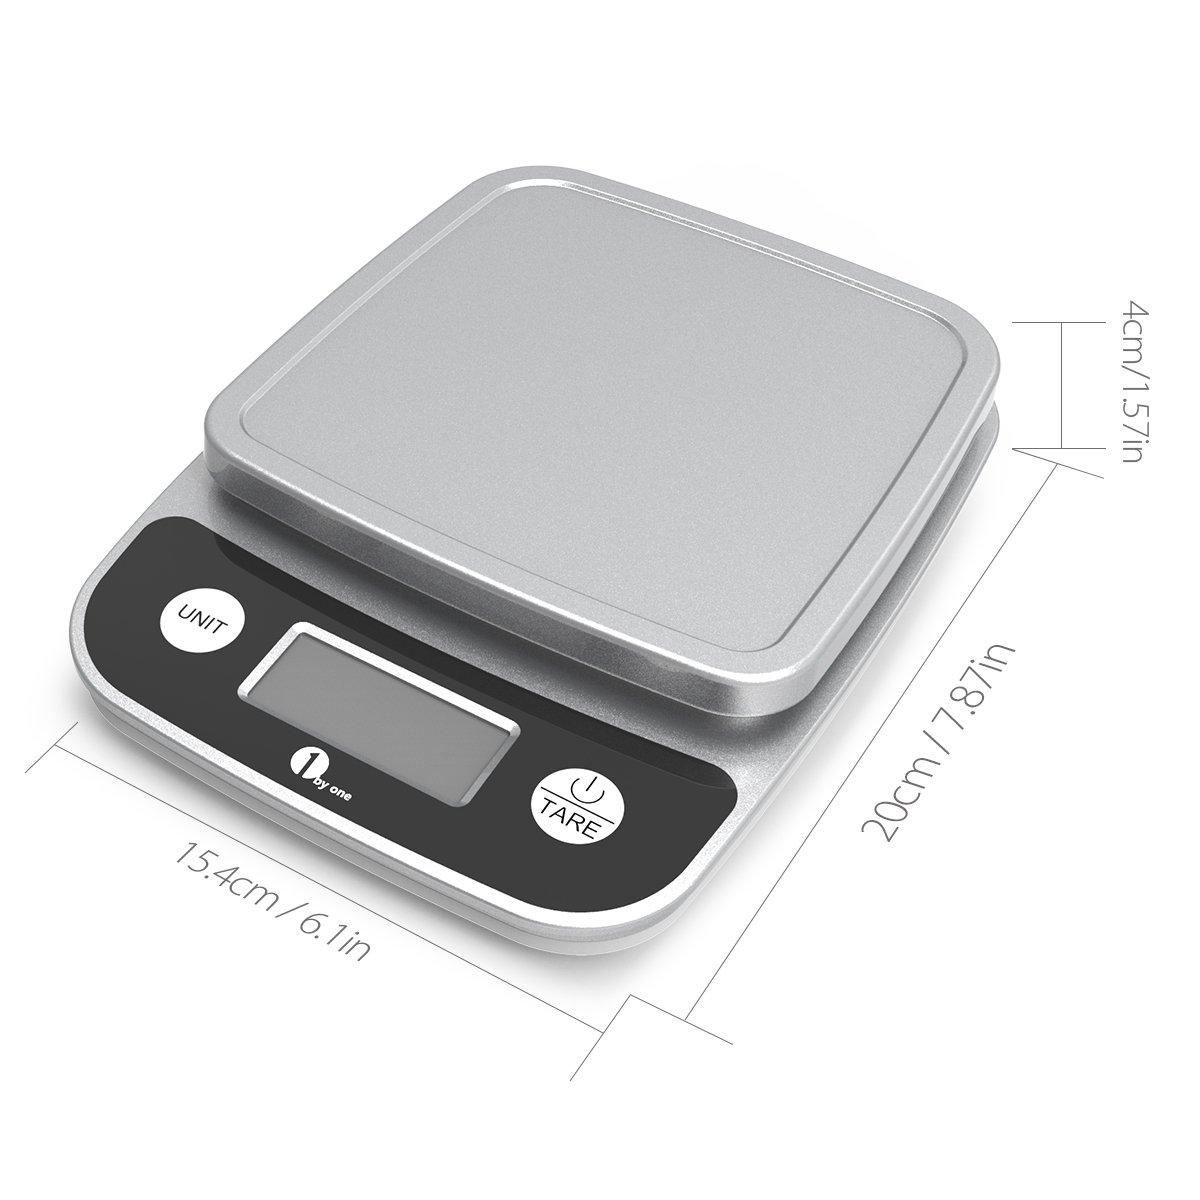 1byone 5kg/11lb Bilancia da Cucina Digitale Elettronica con ...